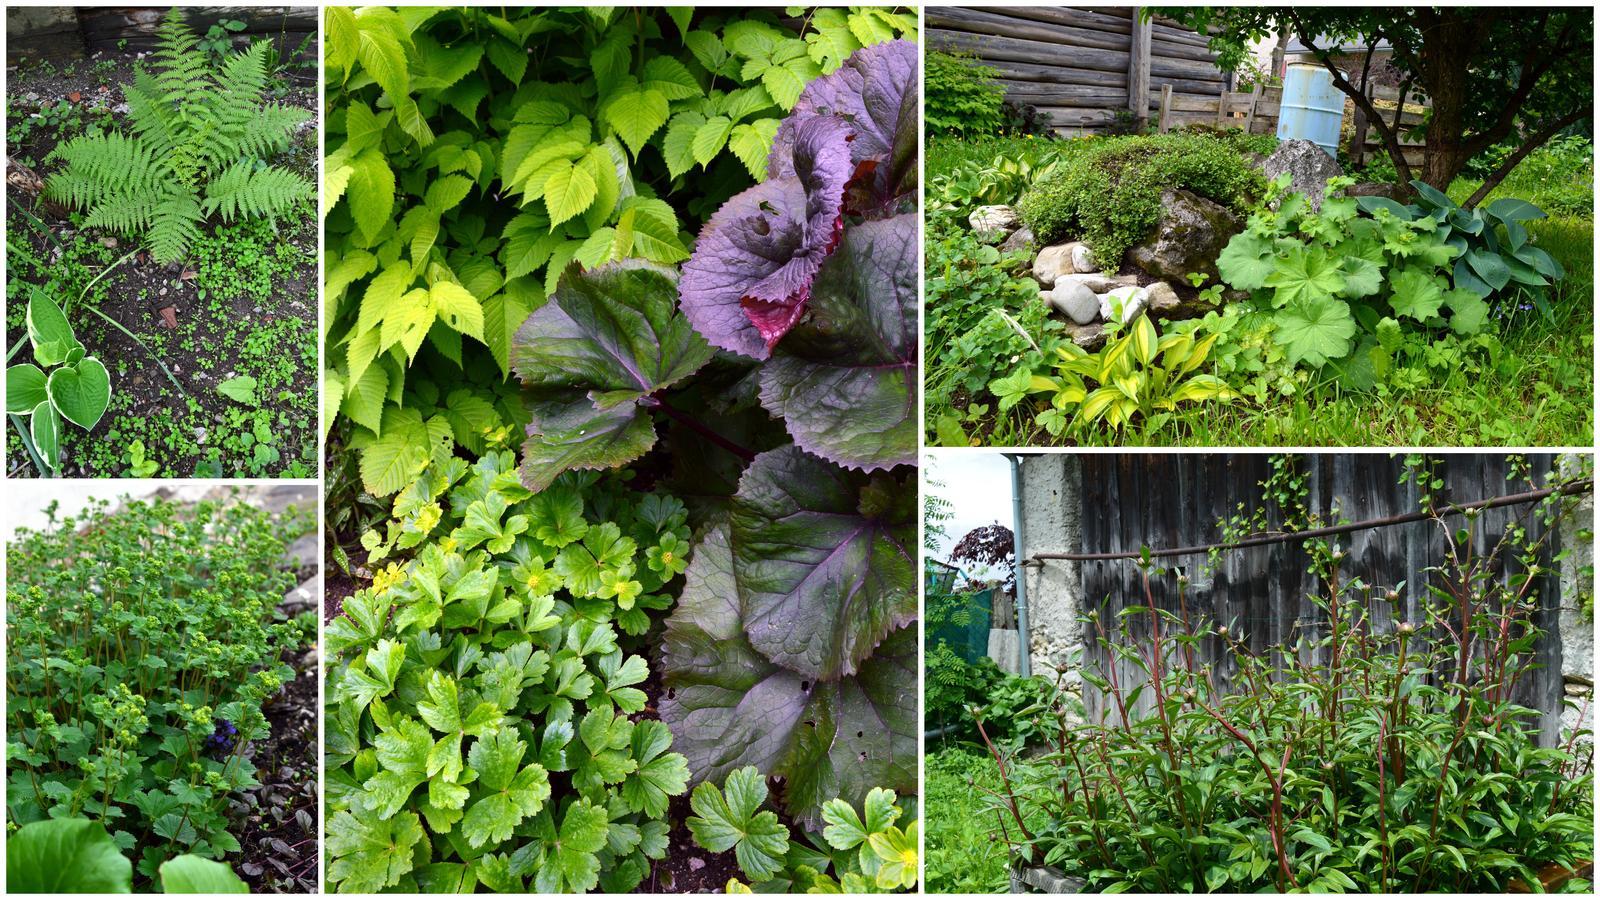 Naša prírodná perma záhradka v roku 2019 - máme veľa tienistých kútov, ale rastlinkám sa tu darí